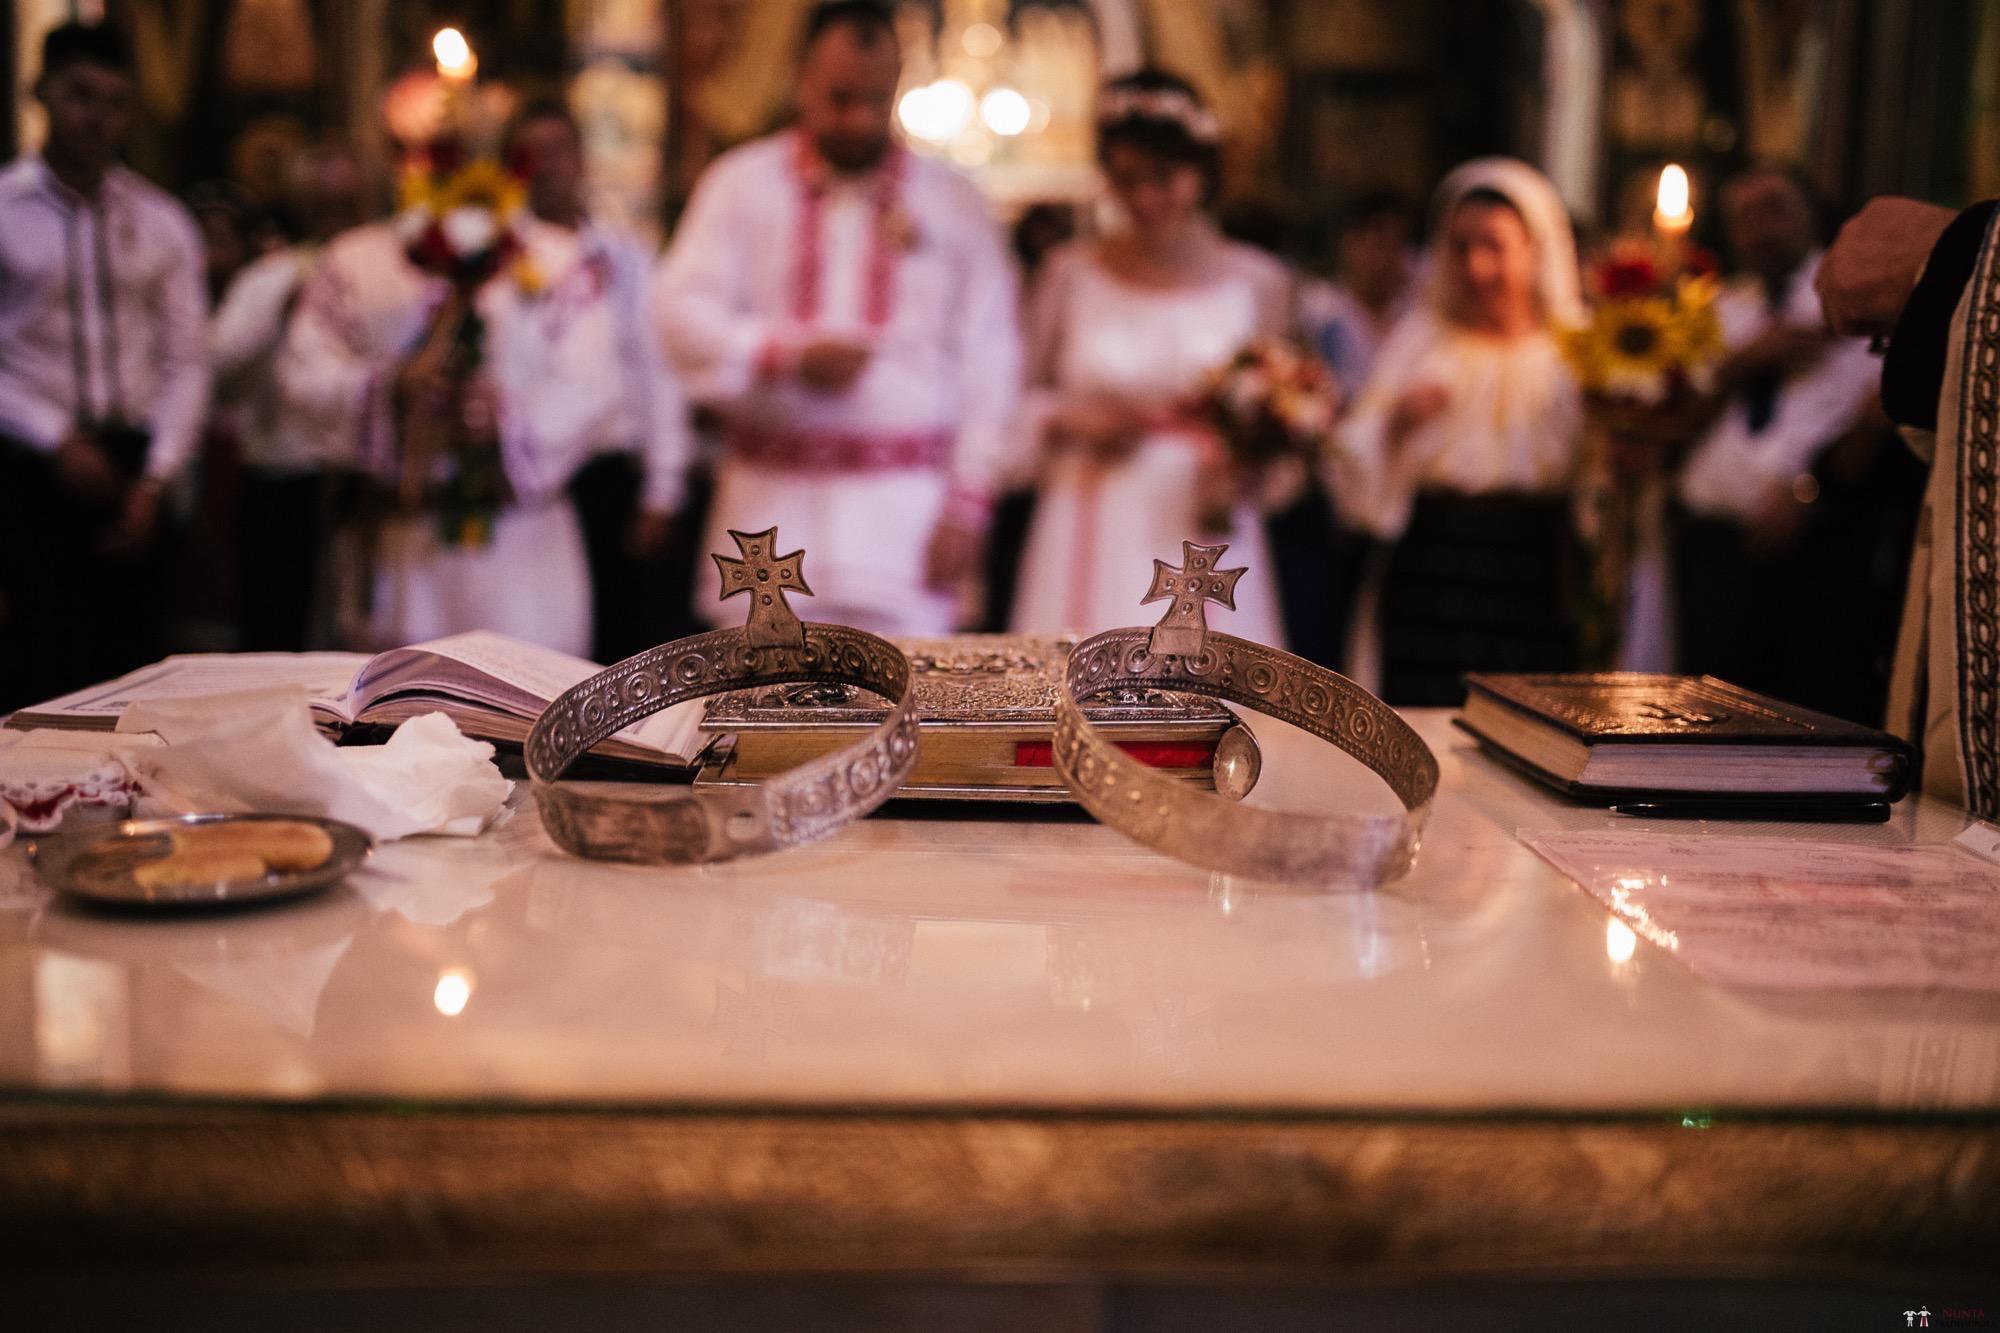 Povești Nunți Tradiționale - Oana și Silviu. Nuntă tradițional românească în București 28